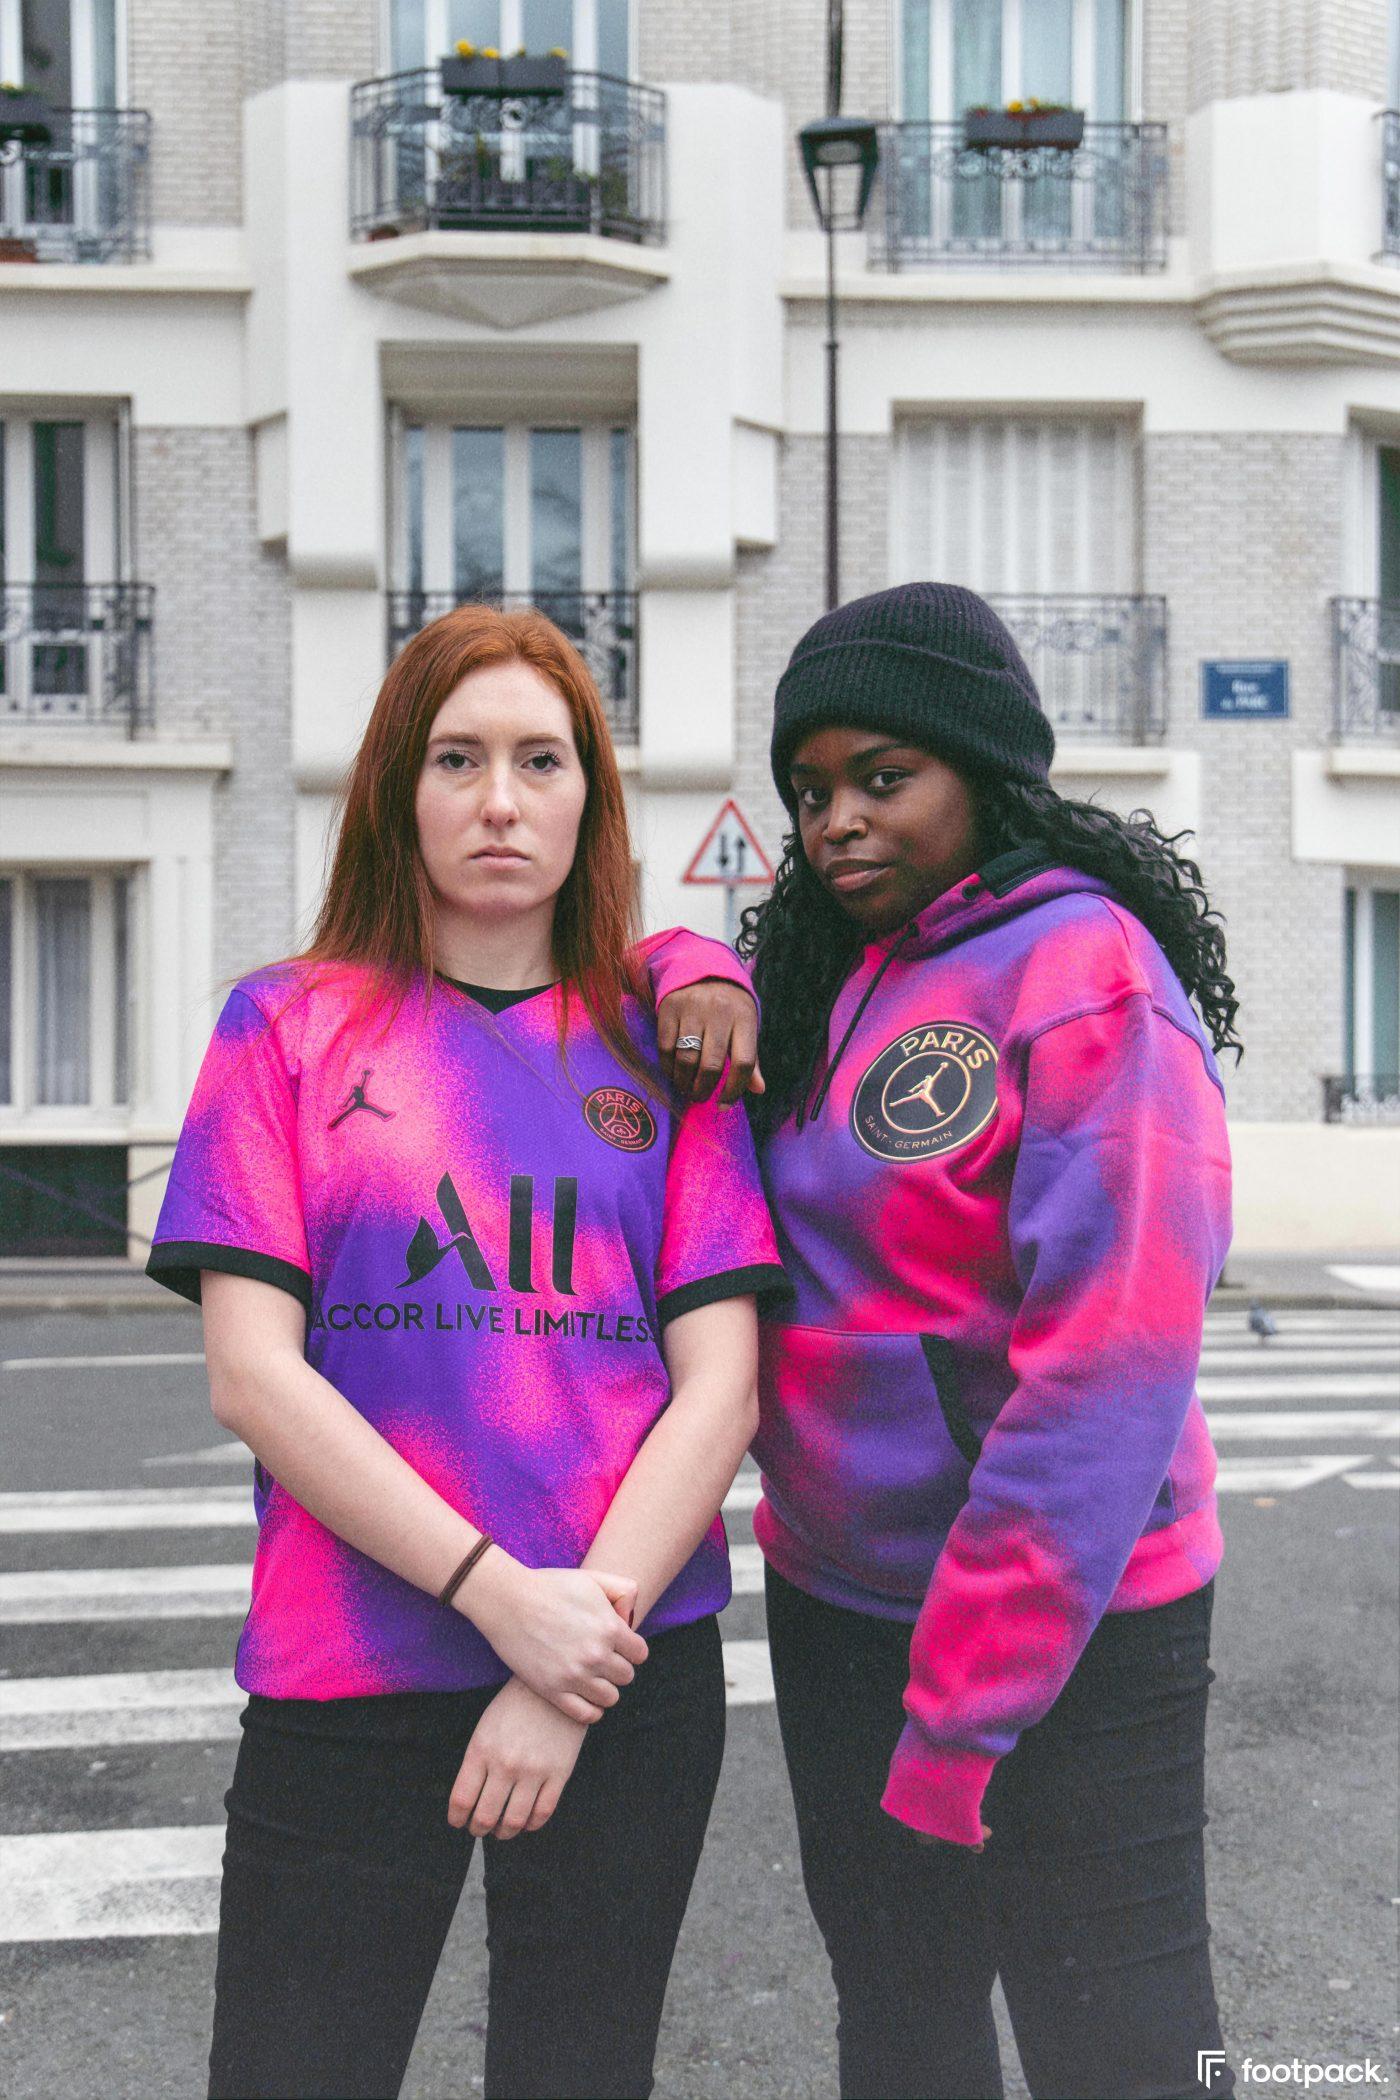 maillot-psg-jordan-rose-violet-2021-footpack-12